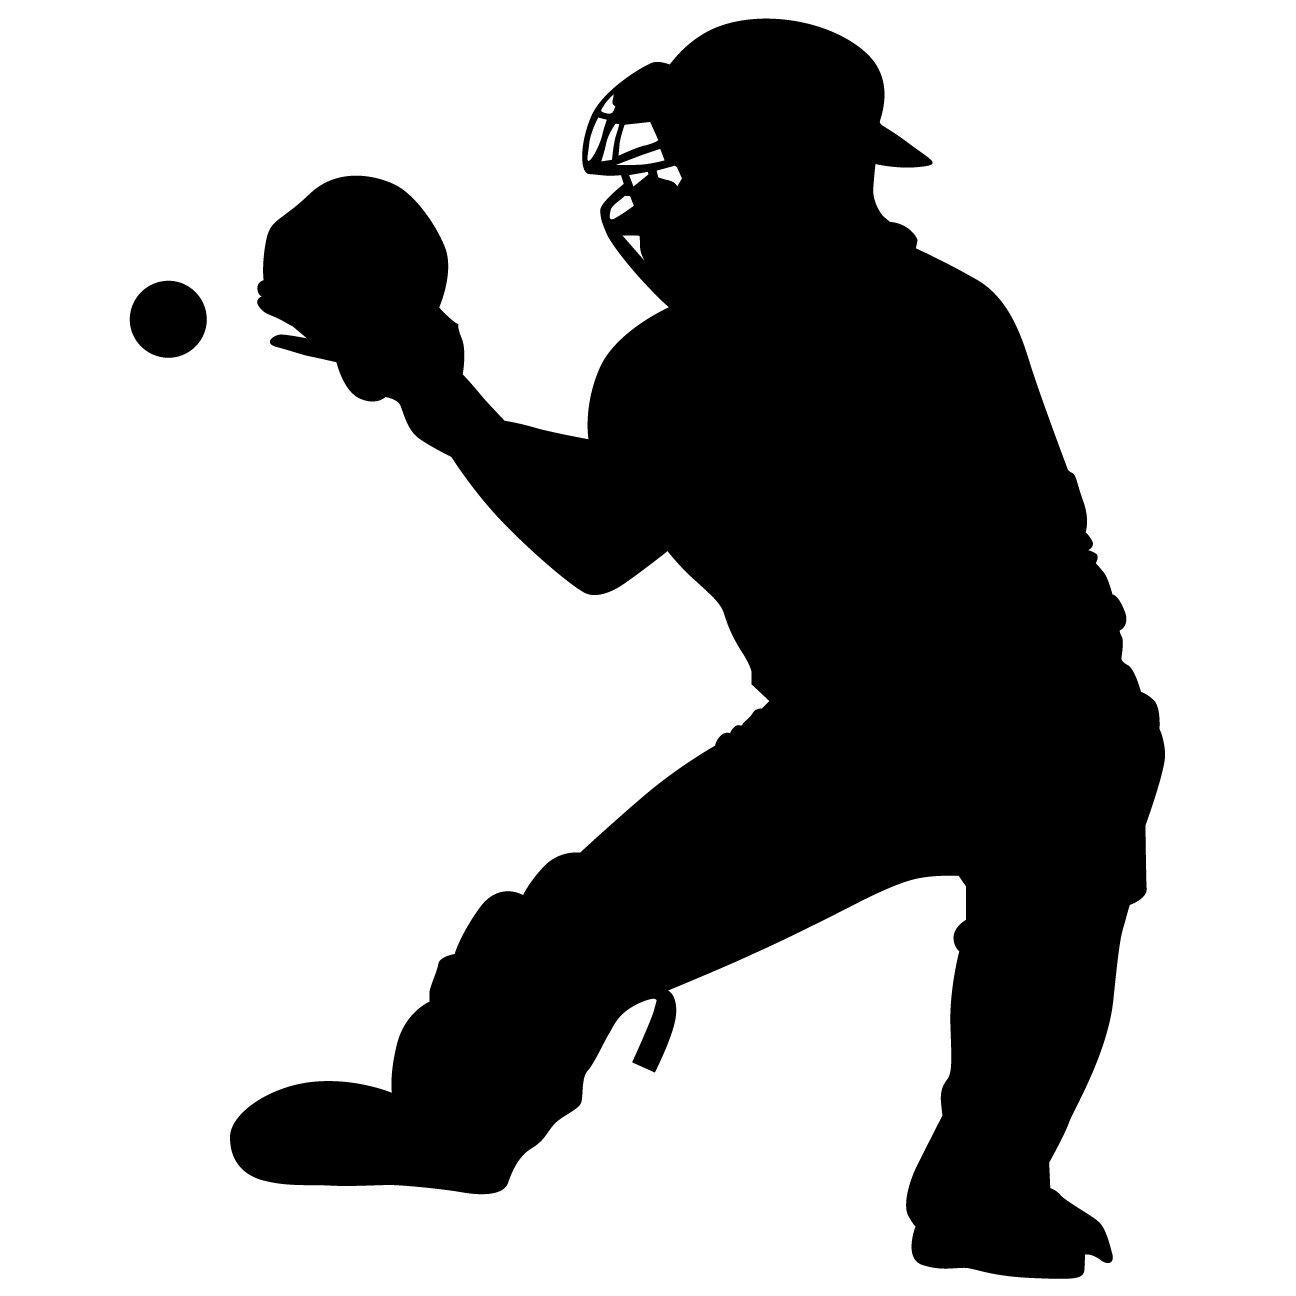 softball catcher clip art - 728×841